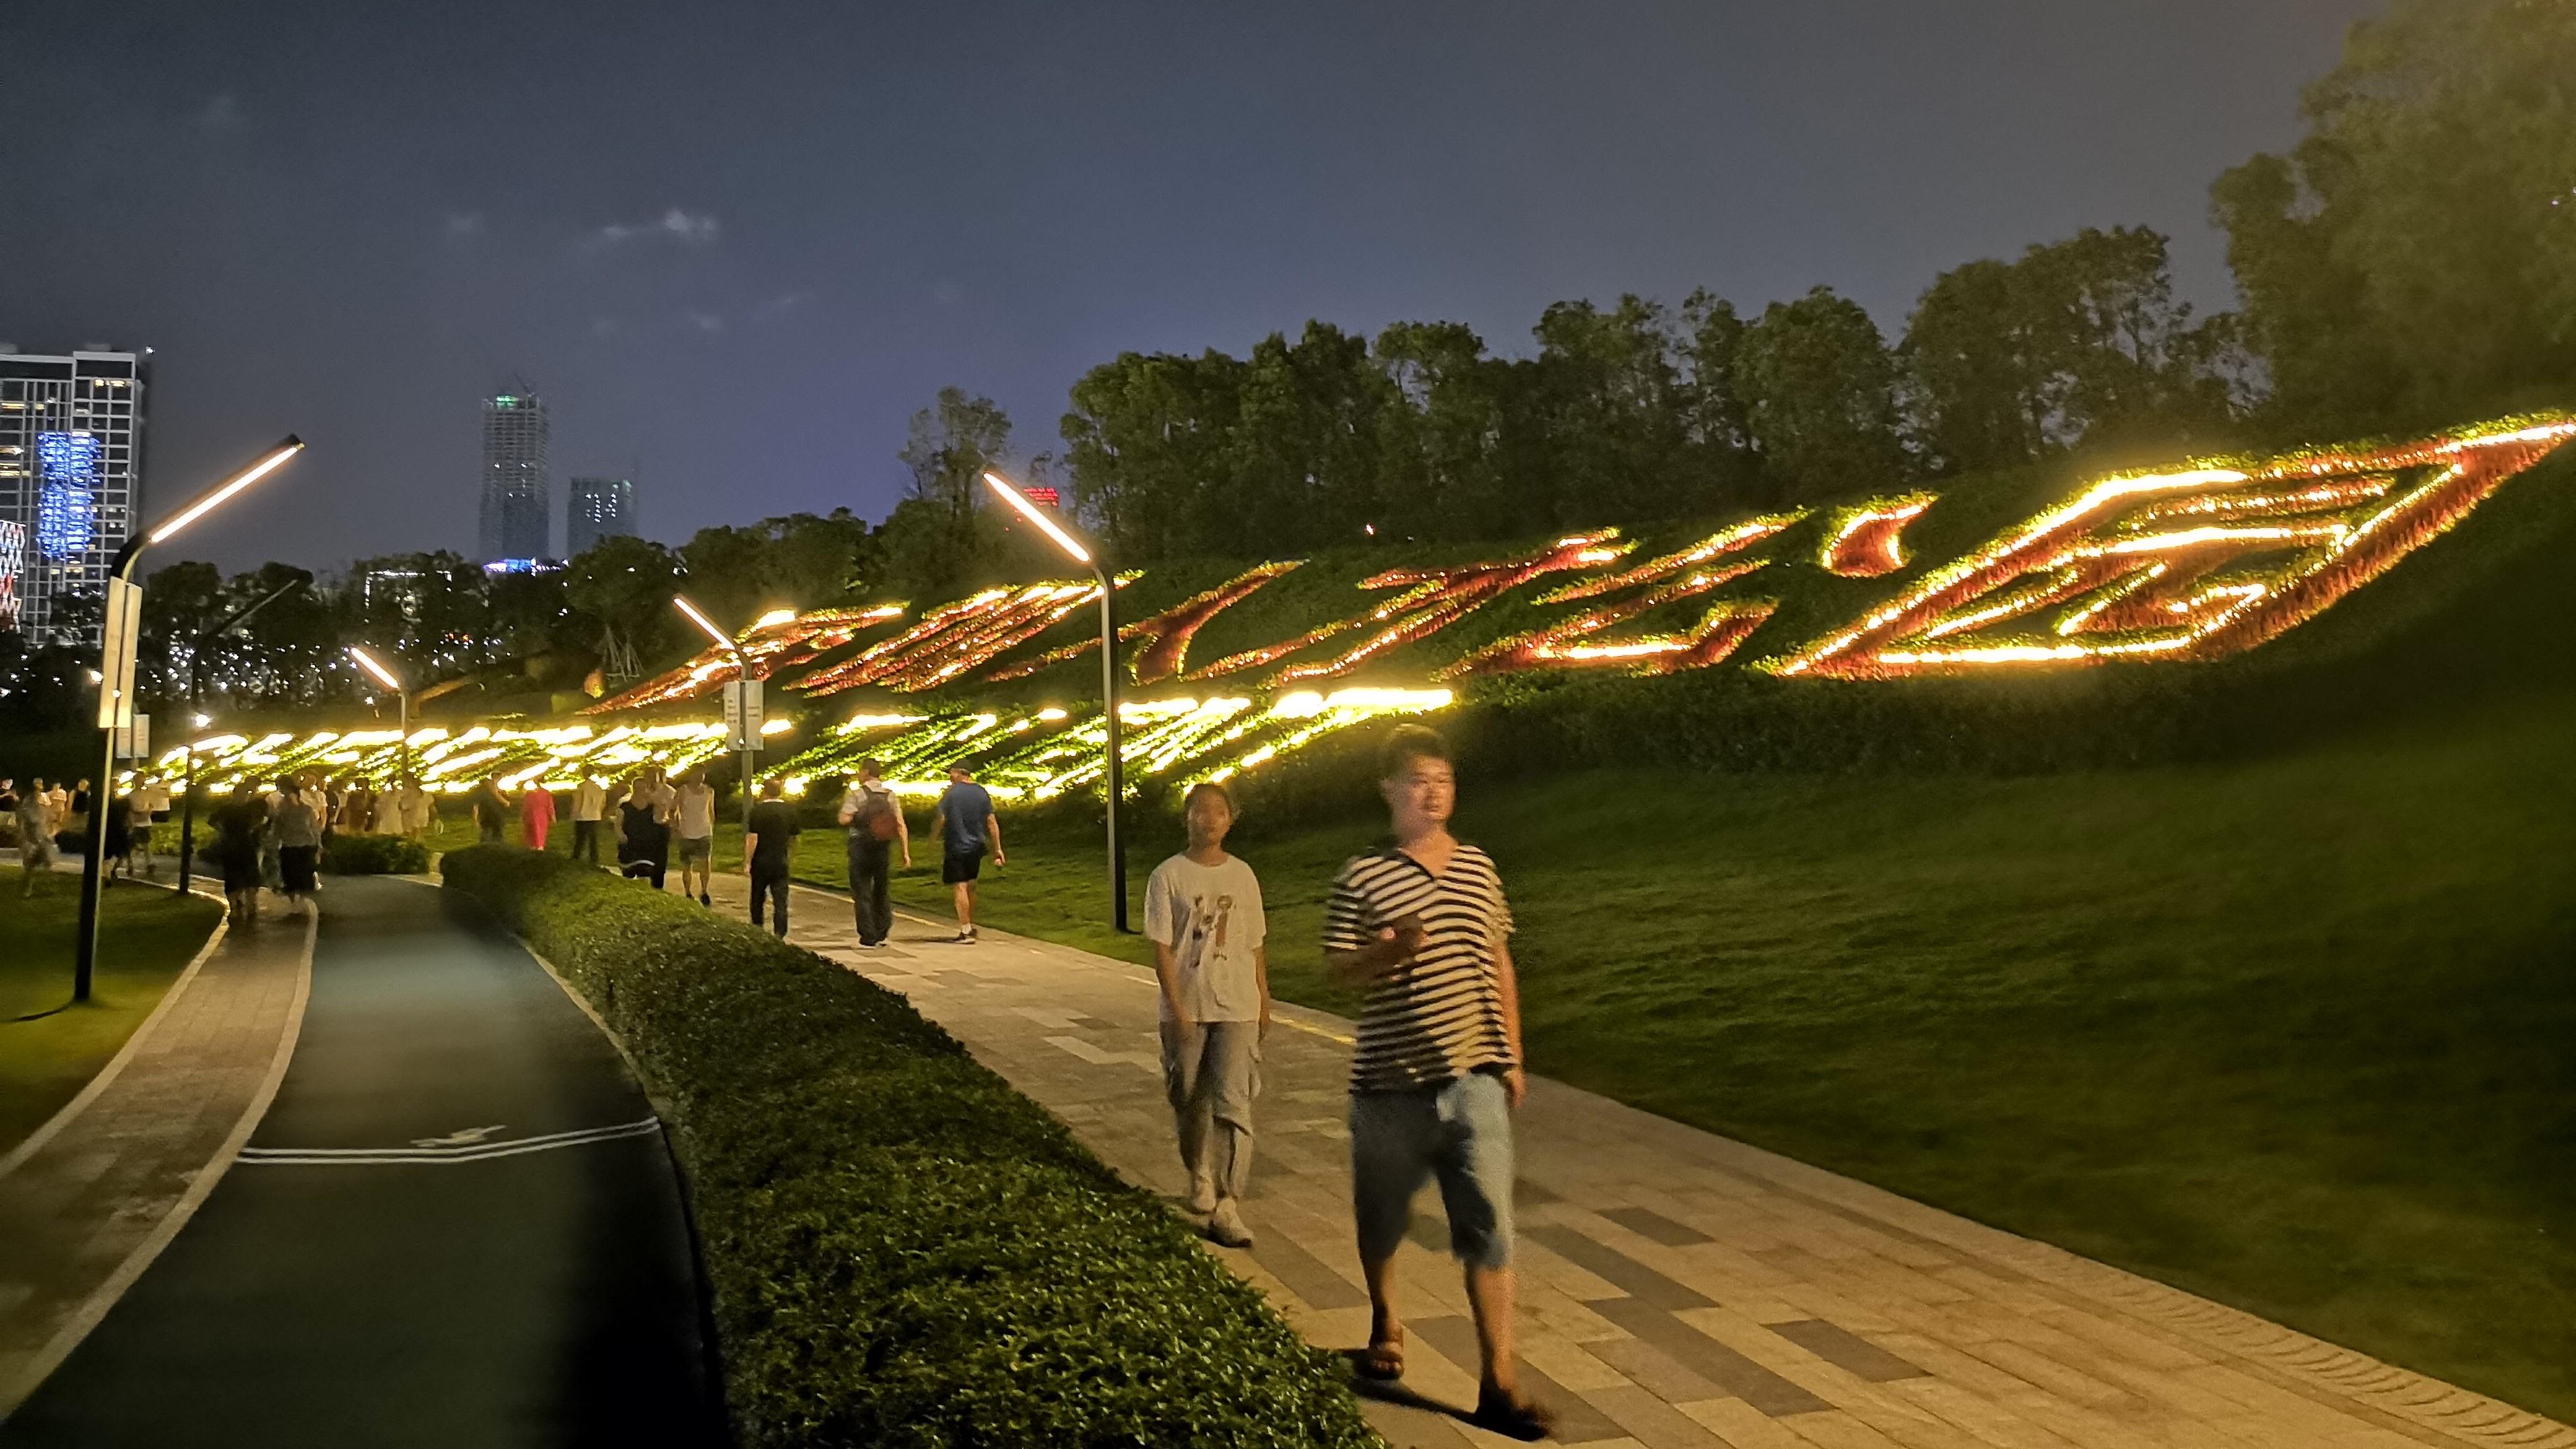 思迪恩园林景观照明设计景观亮化工程 更科技化+更智能化